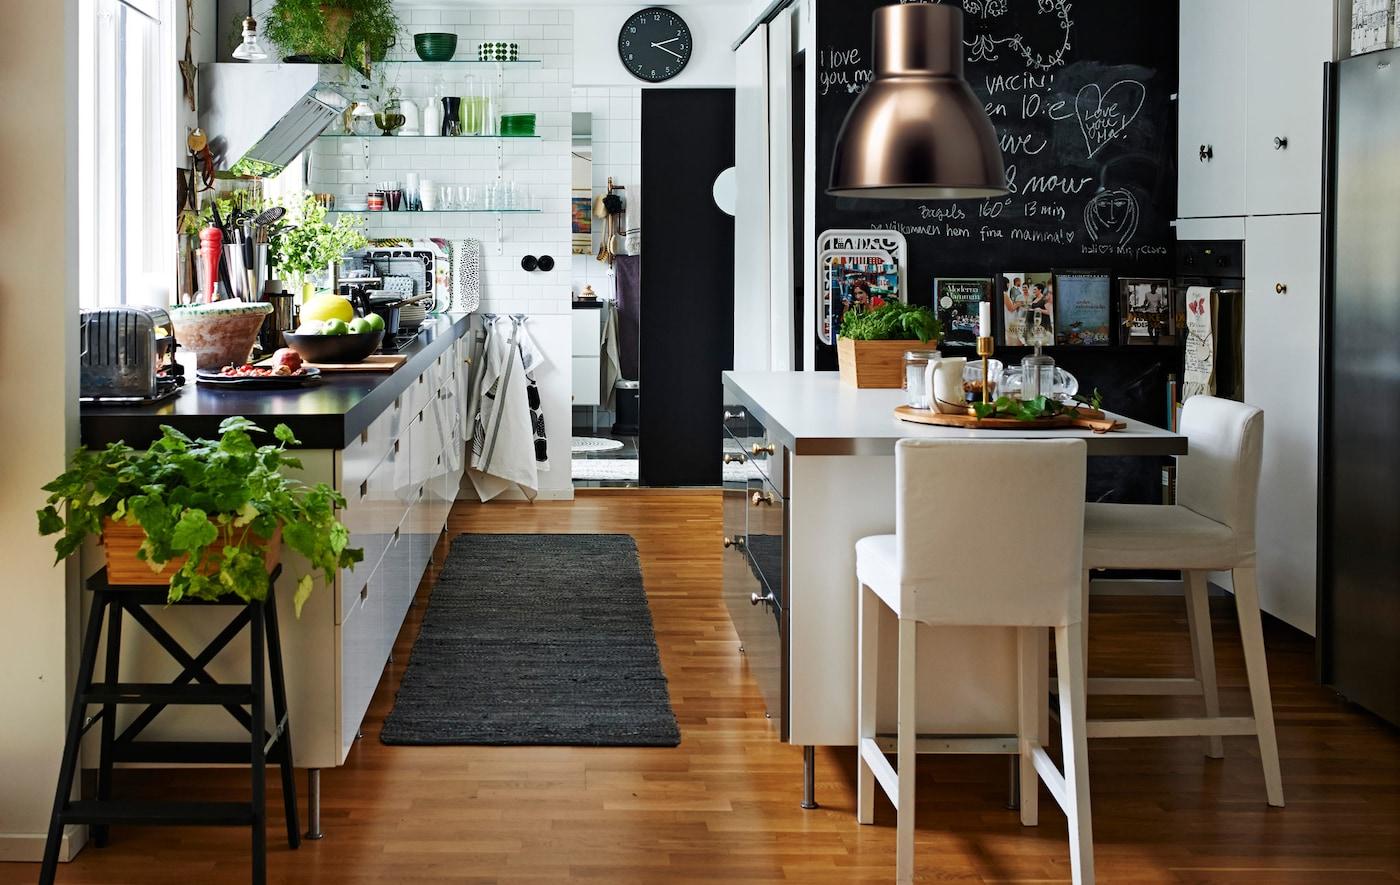 Aquí puedes ver una moderna cocina blanca con isla y almacenamiento abierto.